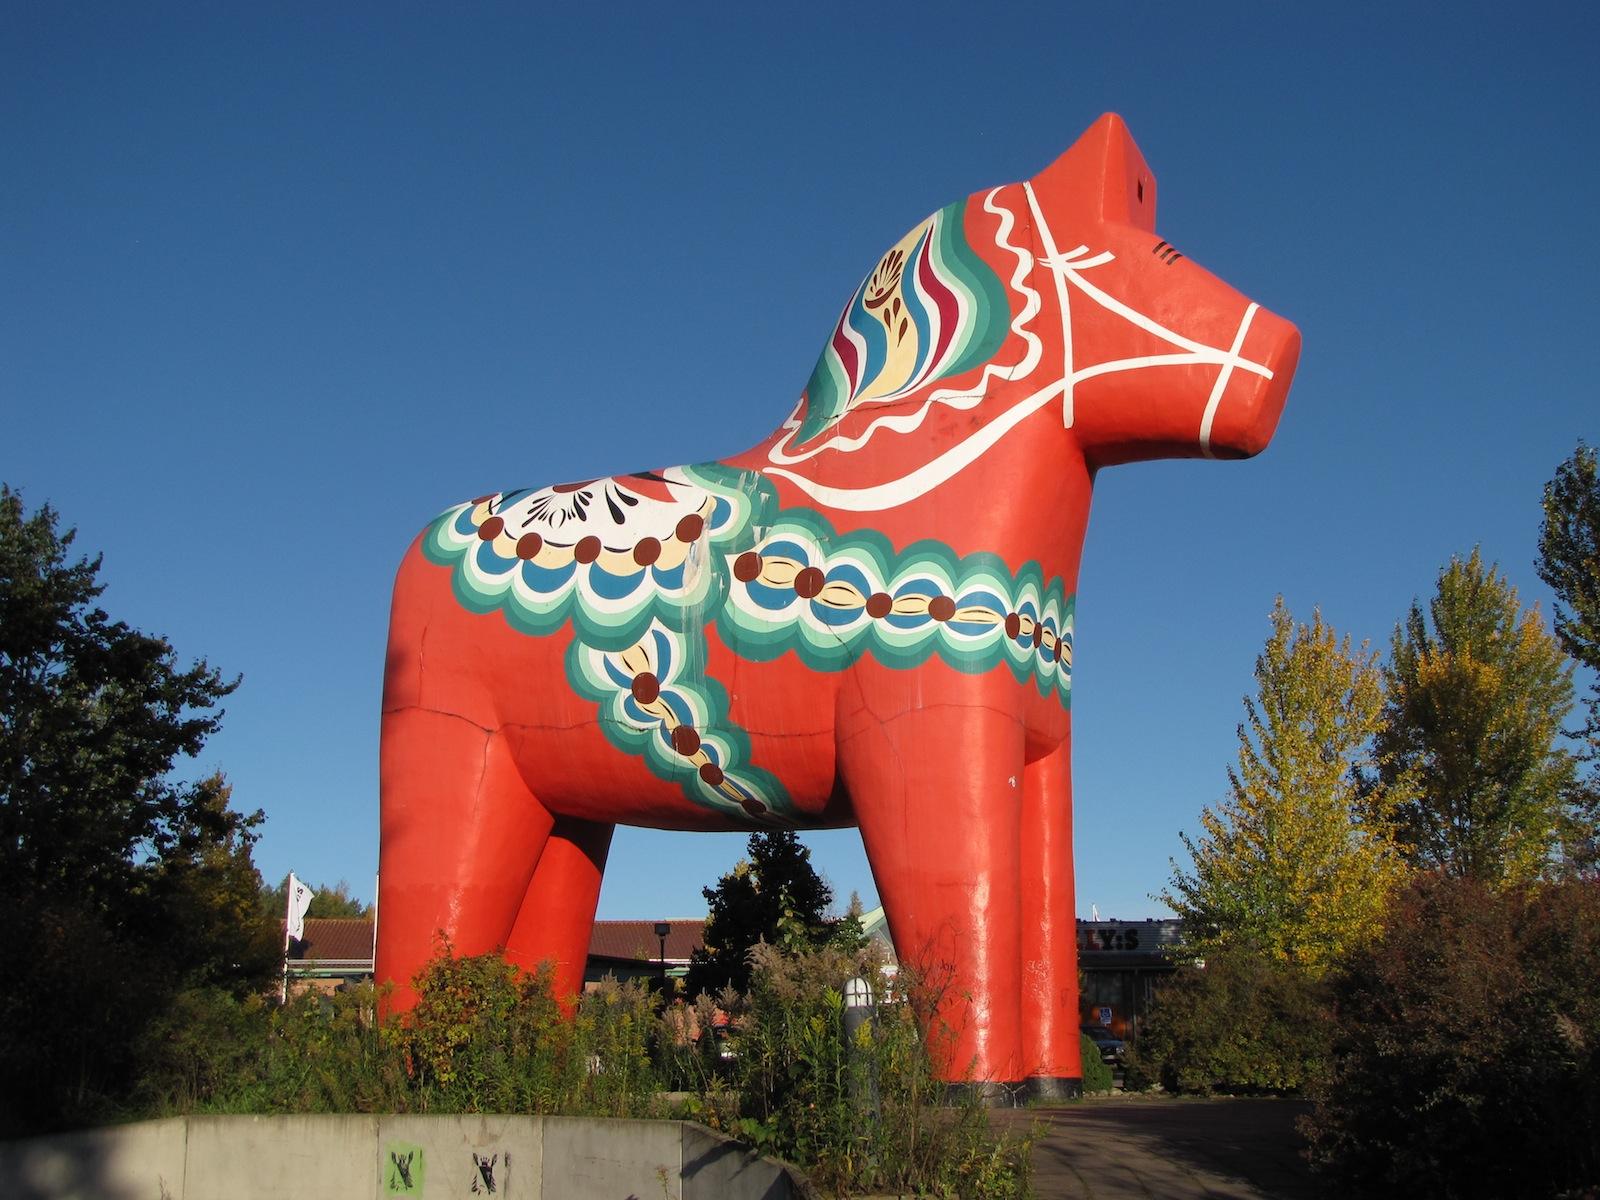 Taalainmaan Hevonen